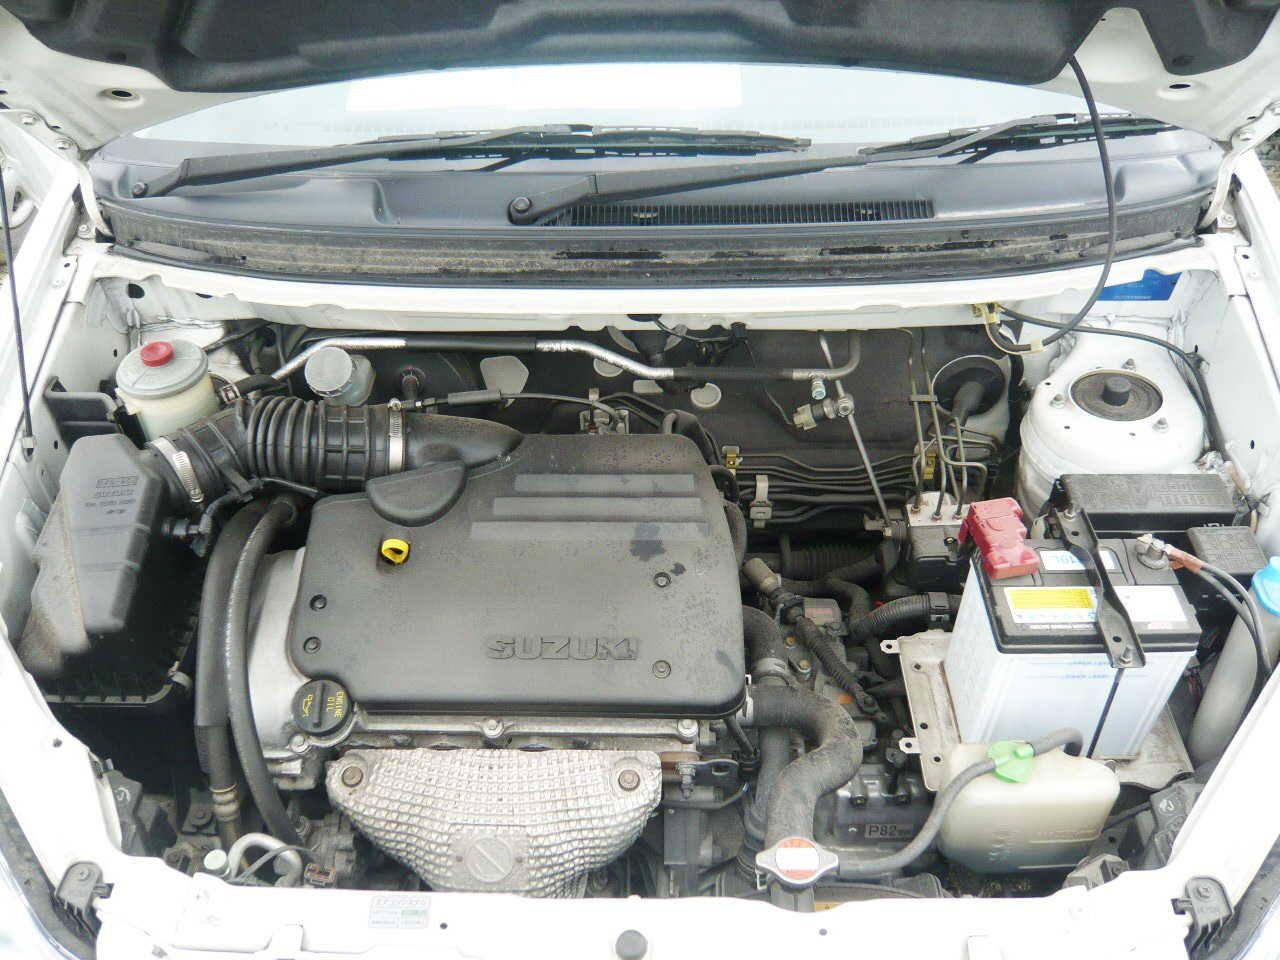 small resolution of 2007 suzuki forenza gas engine gas 20l part name 2007 suzuki 742336633976c06d258440b7b9149bb5 500532946061314274 of suzuki